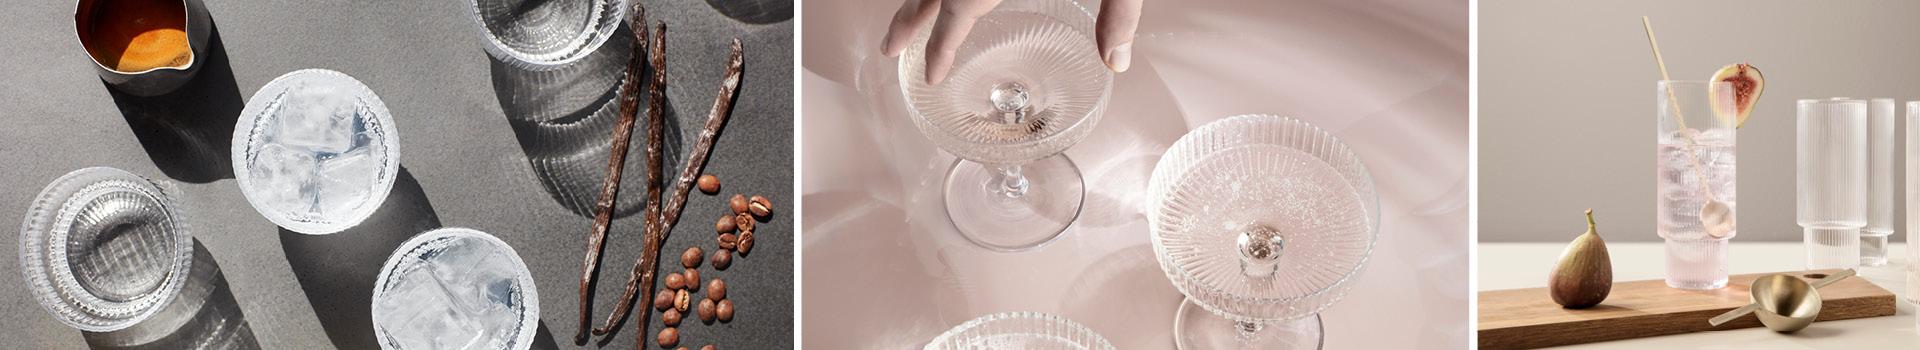 Ferm-Living-Ripple-glass-champagneglass-d.jpg